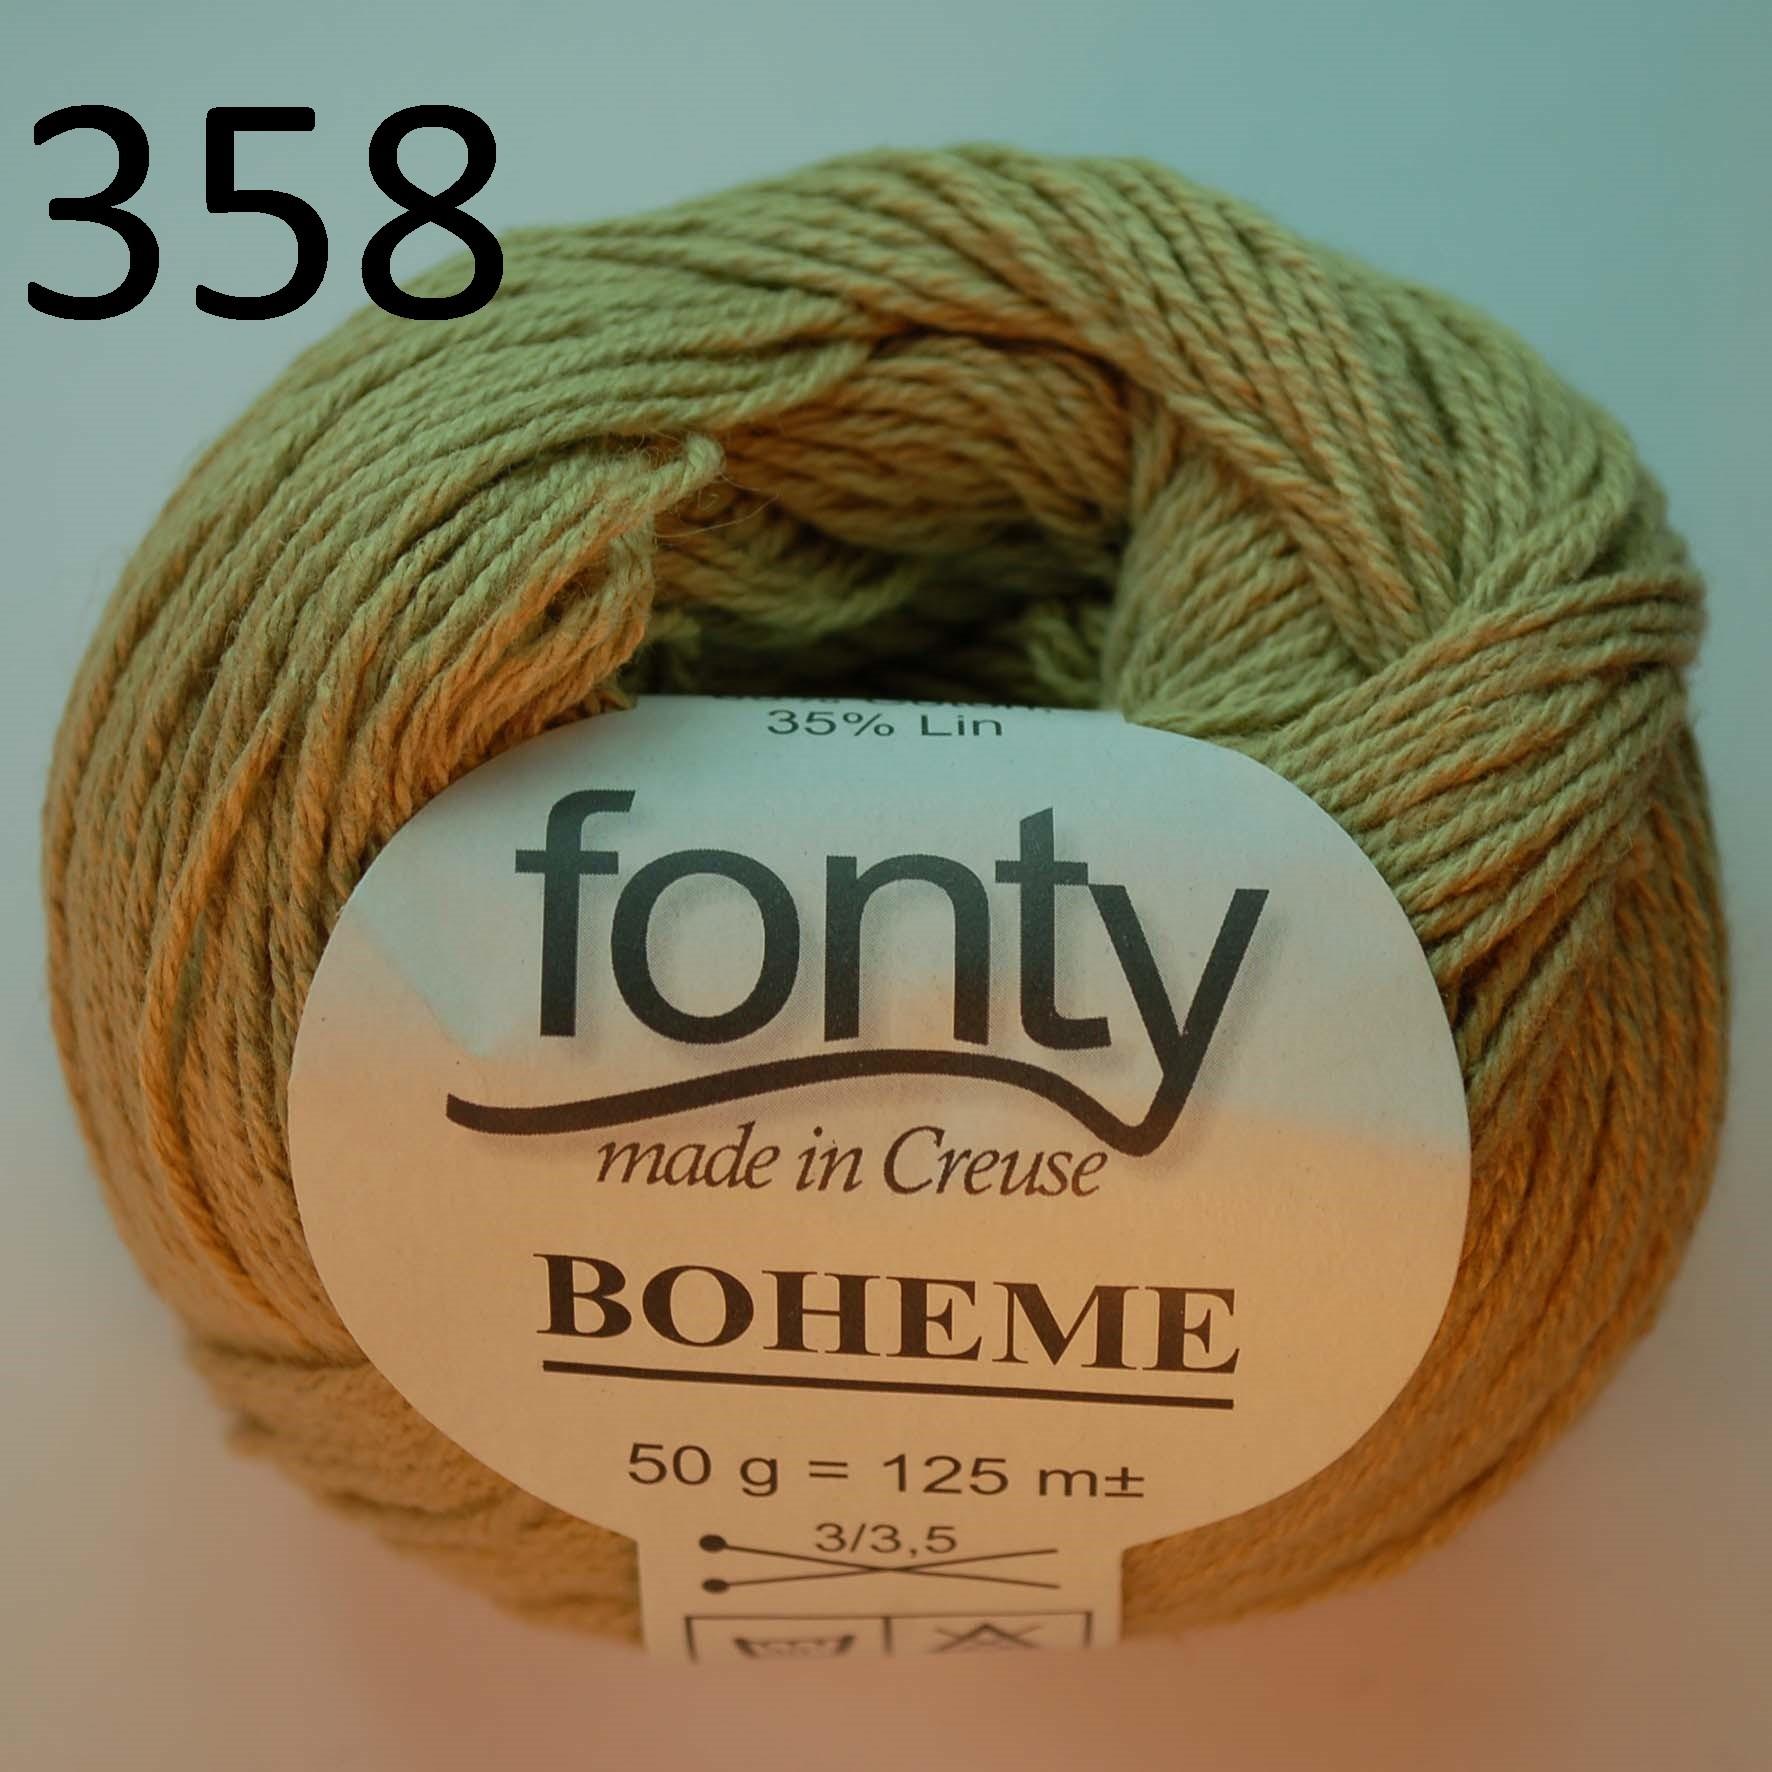 Boheme 358